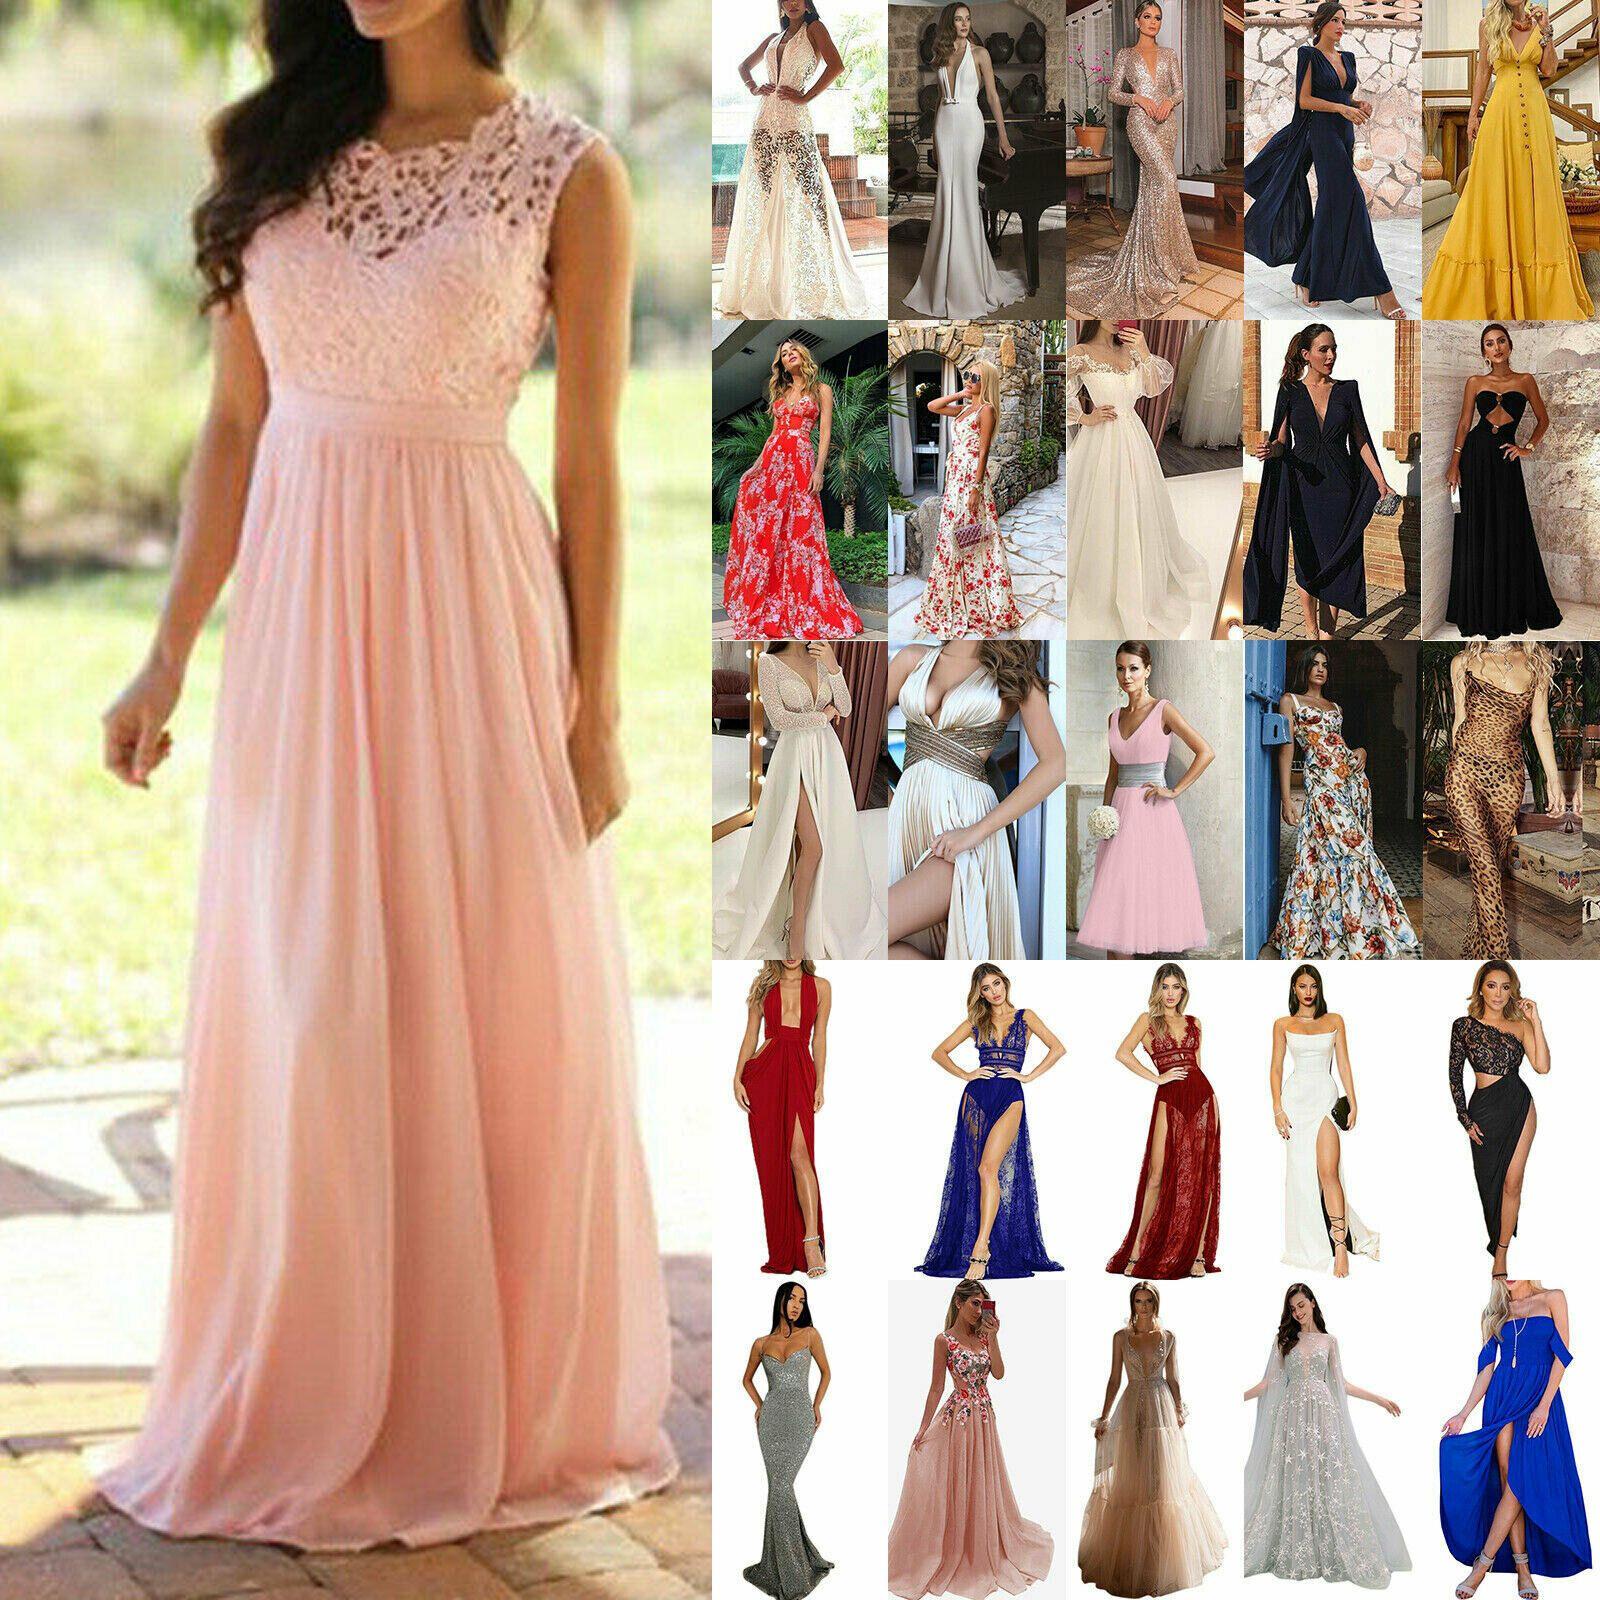 17 Coolste Abend Kleider Für Damen Galerie17 Schön Abend Kleider Für Damen Vertrieb